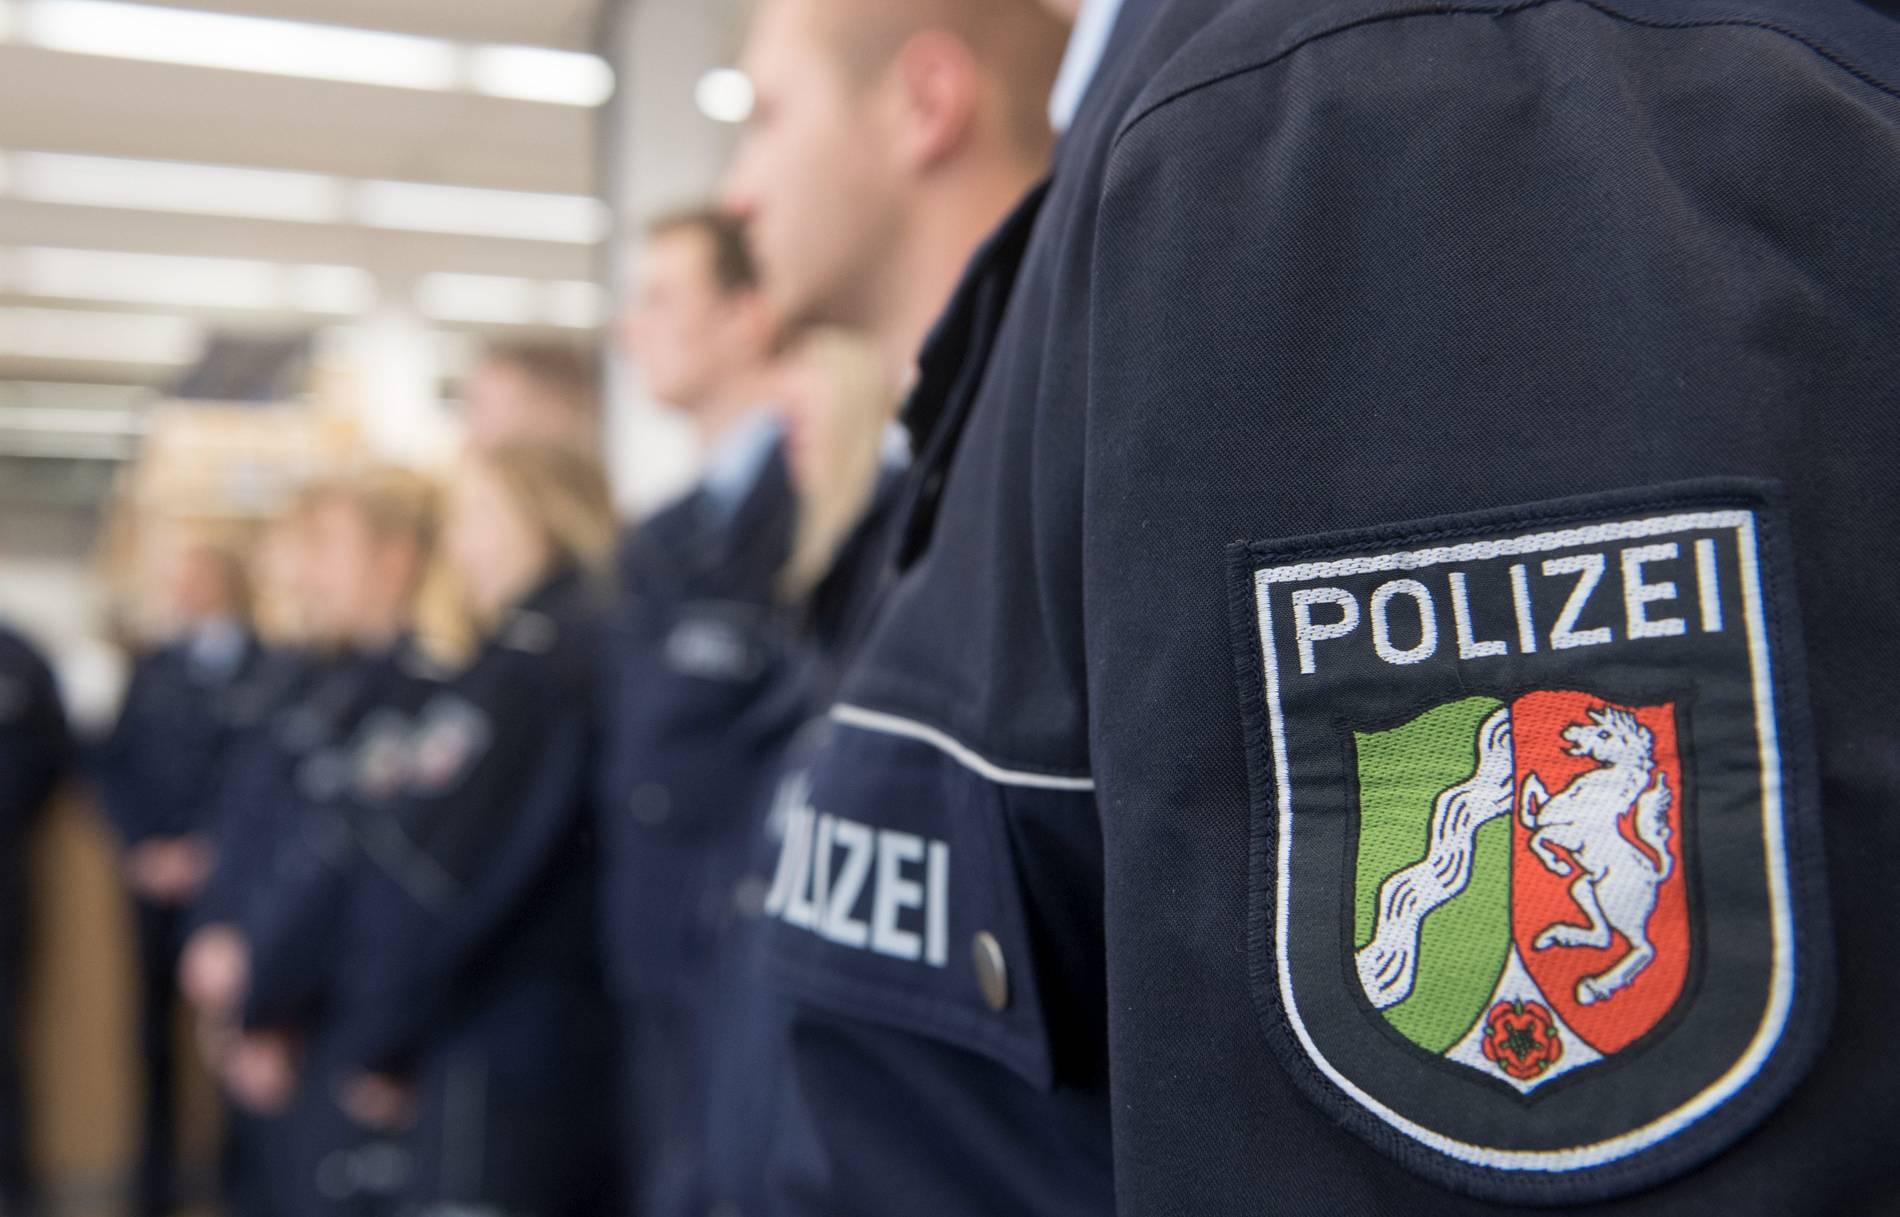 nrwpolizei plant videoverhöre für mordverdächtige und kinder